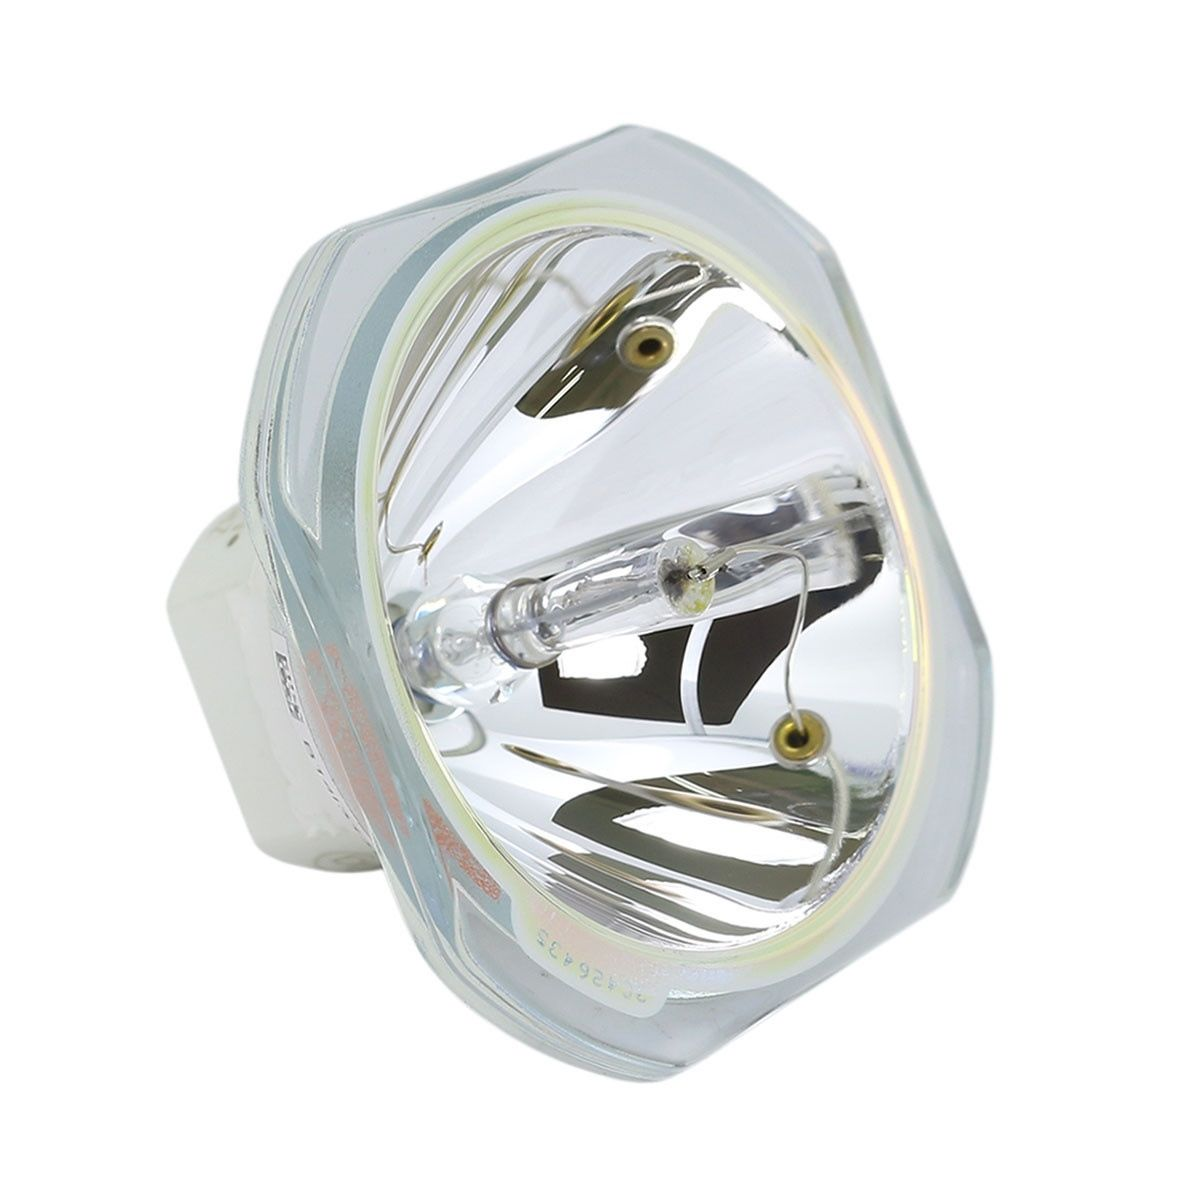 Compatible Bare Bulb ELPLP30 V13H010L30 for Epson EMP-61 EMP-61P EMP-81 EMP-81P EMP-821 PowerLite 61p/ 81p/821p Projectoe Lamp